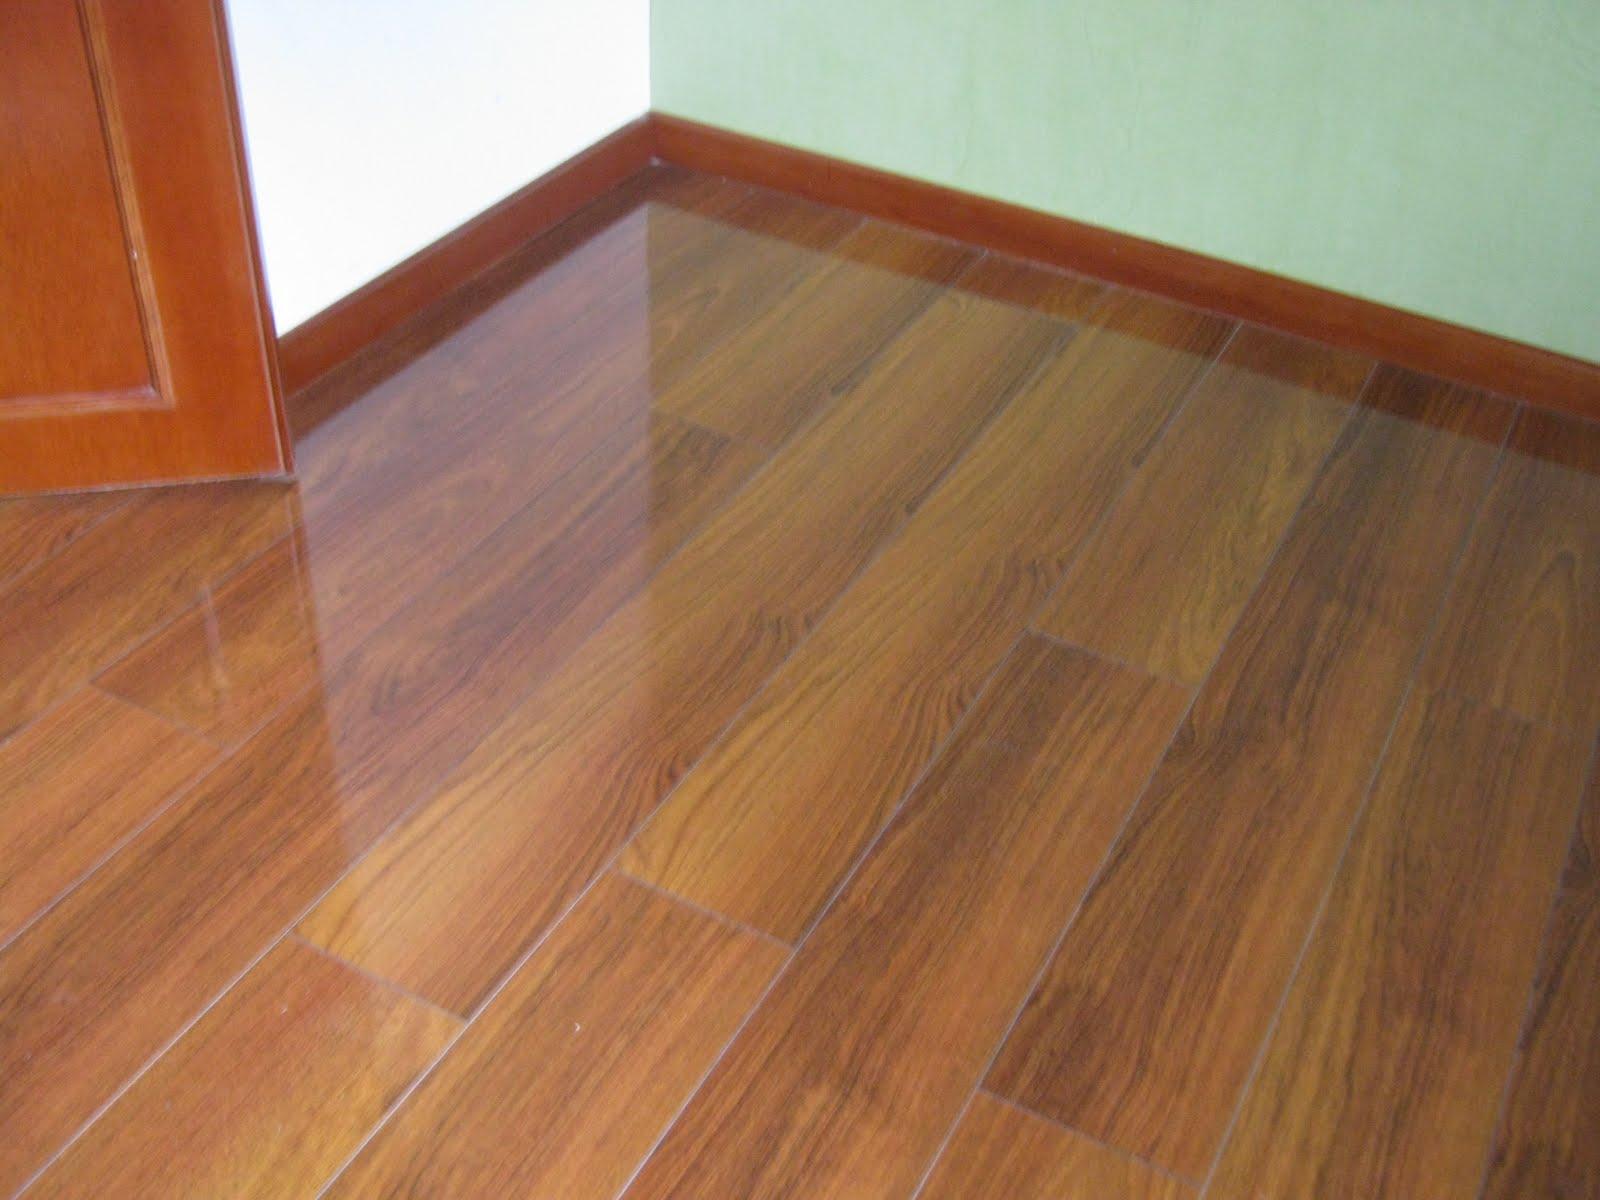 Decoracionesfelipe dise os en machimbre y piso madera for Diseno pisos